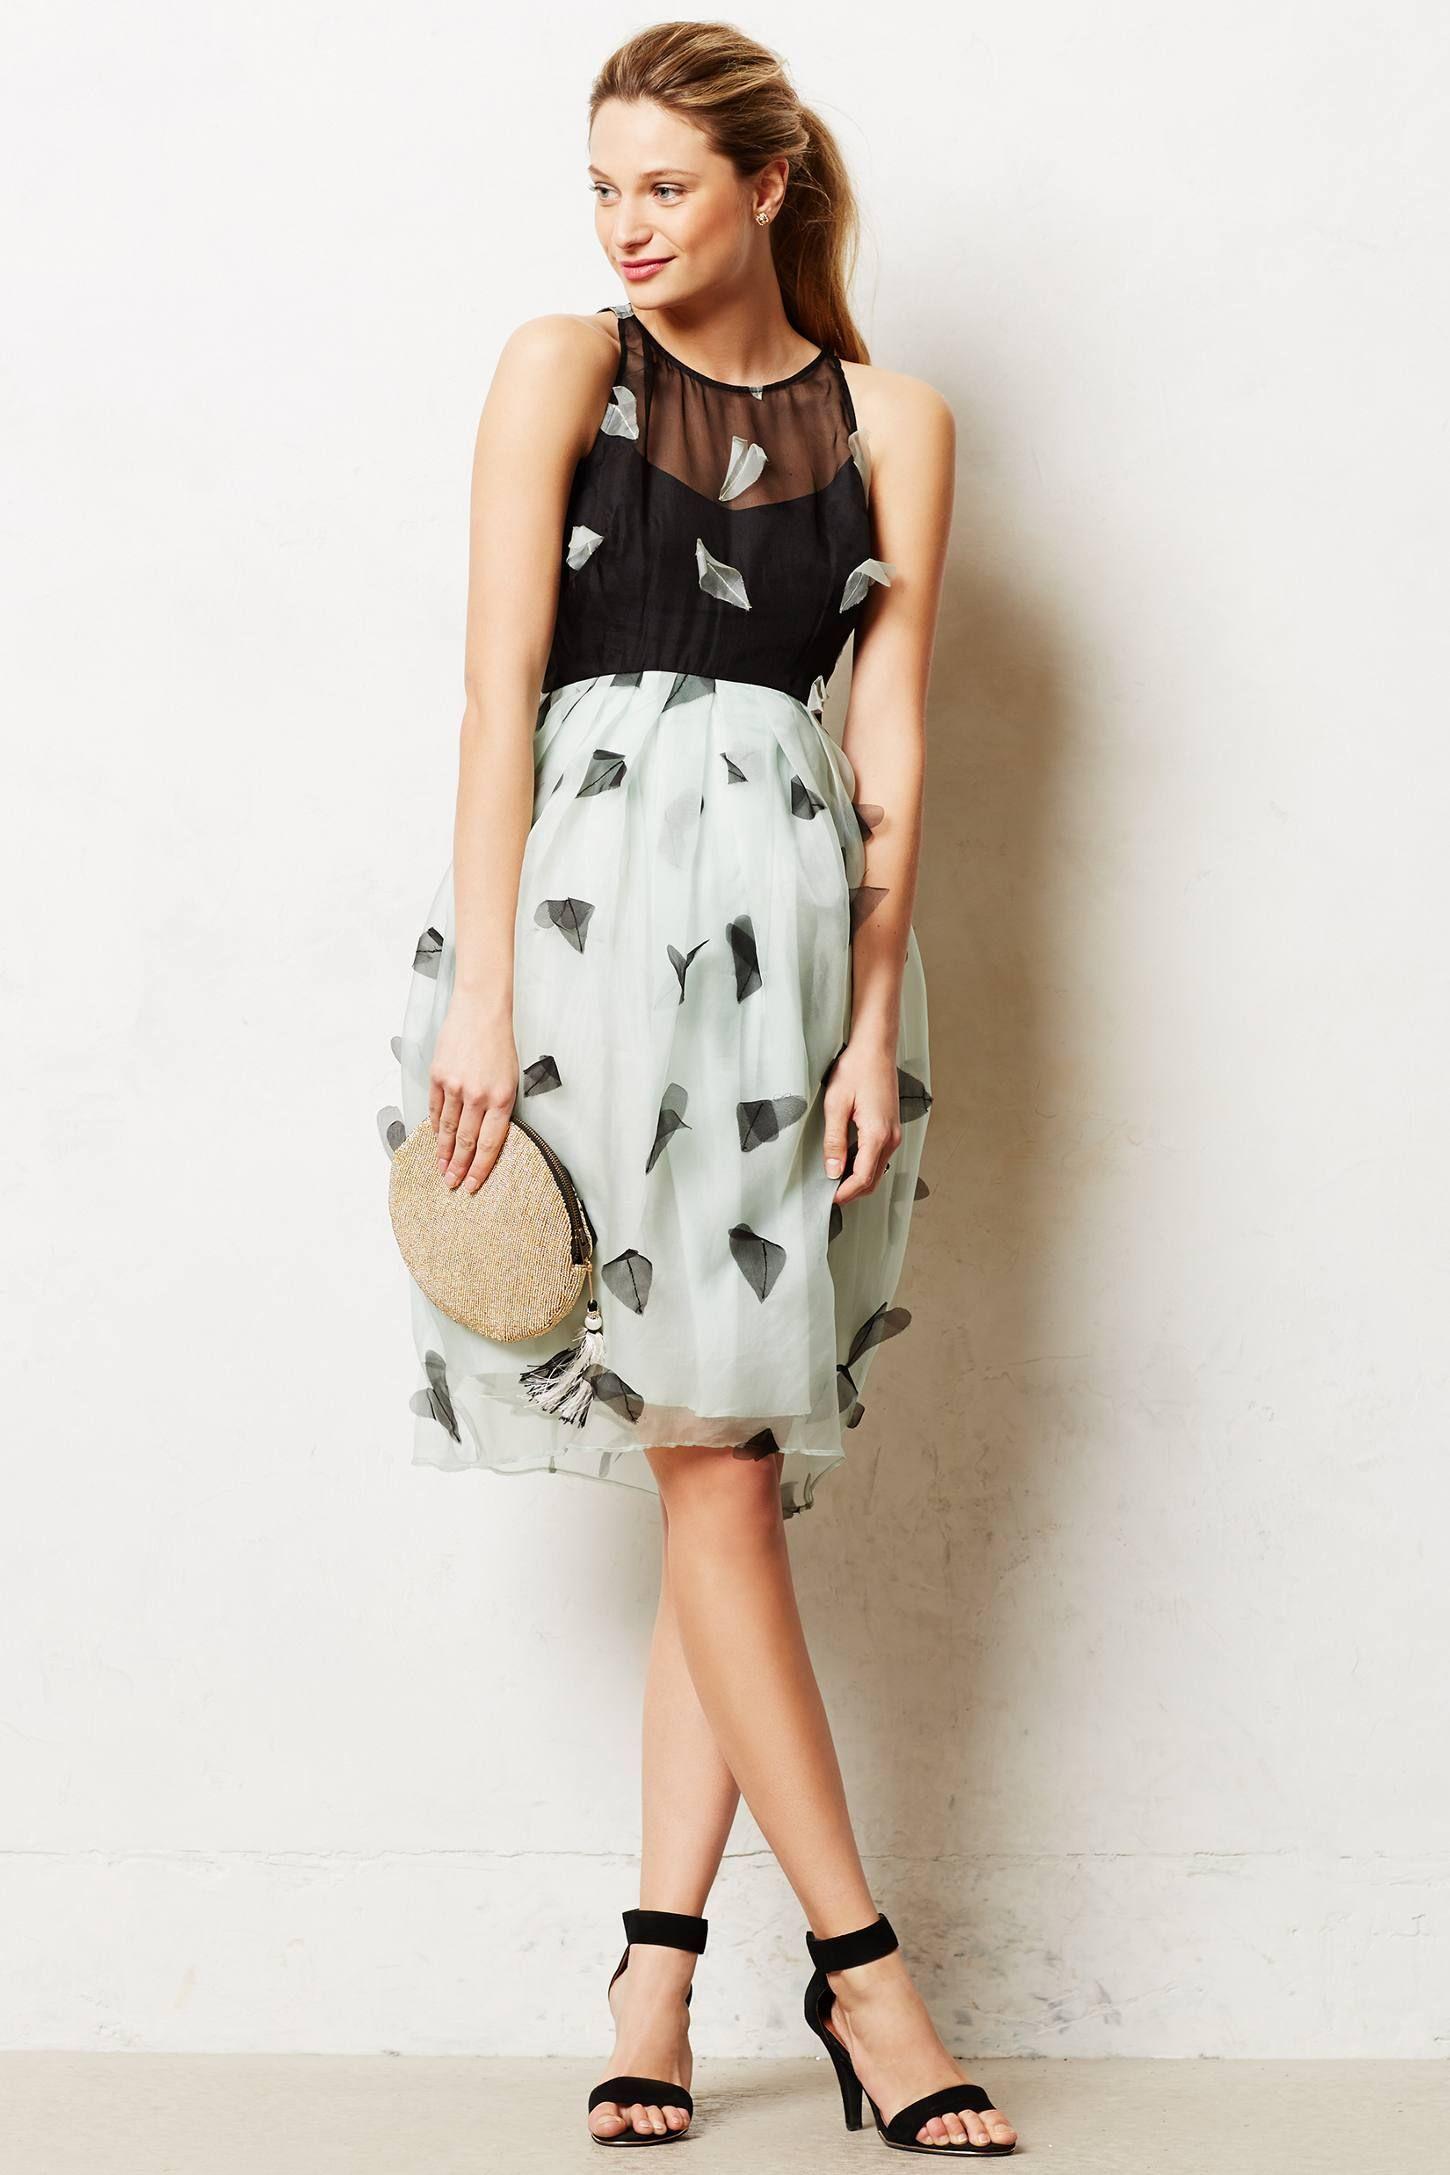 408009c10d46 smitten organza dress by rachel antonoff!